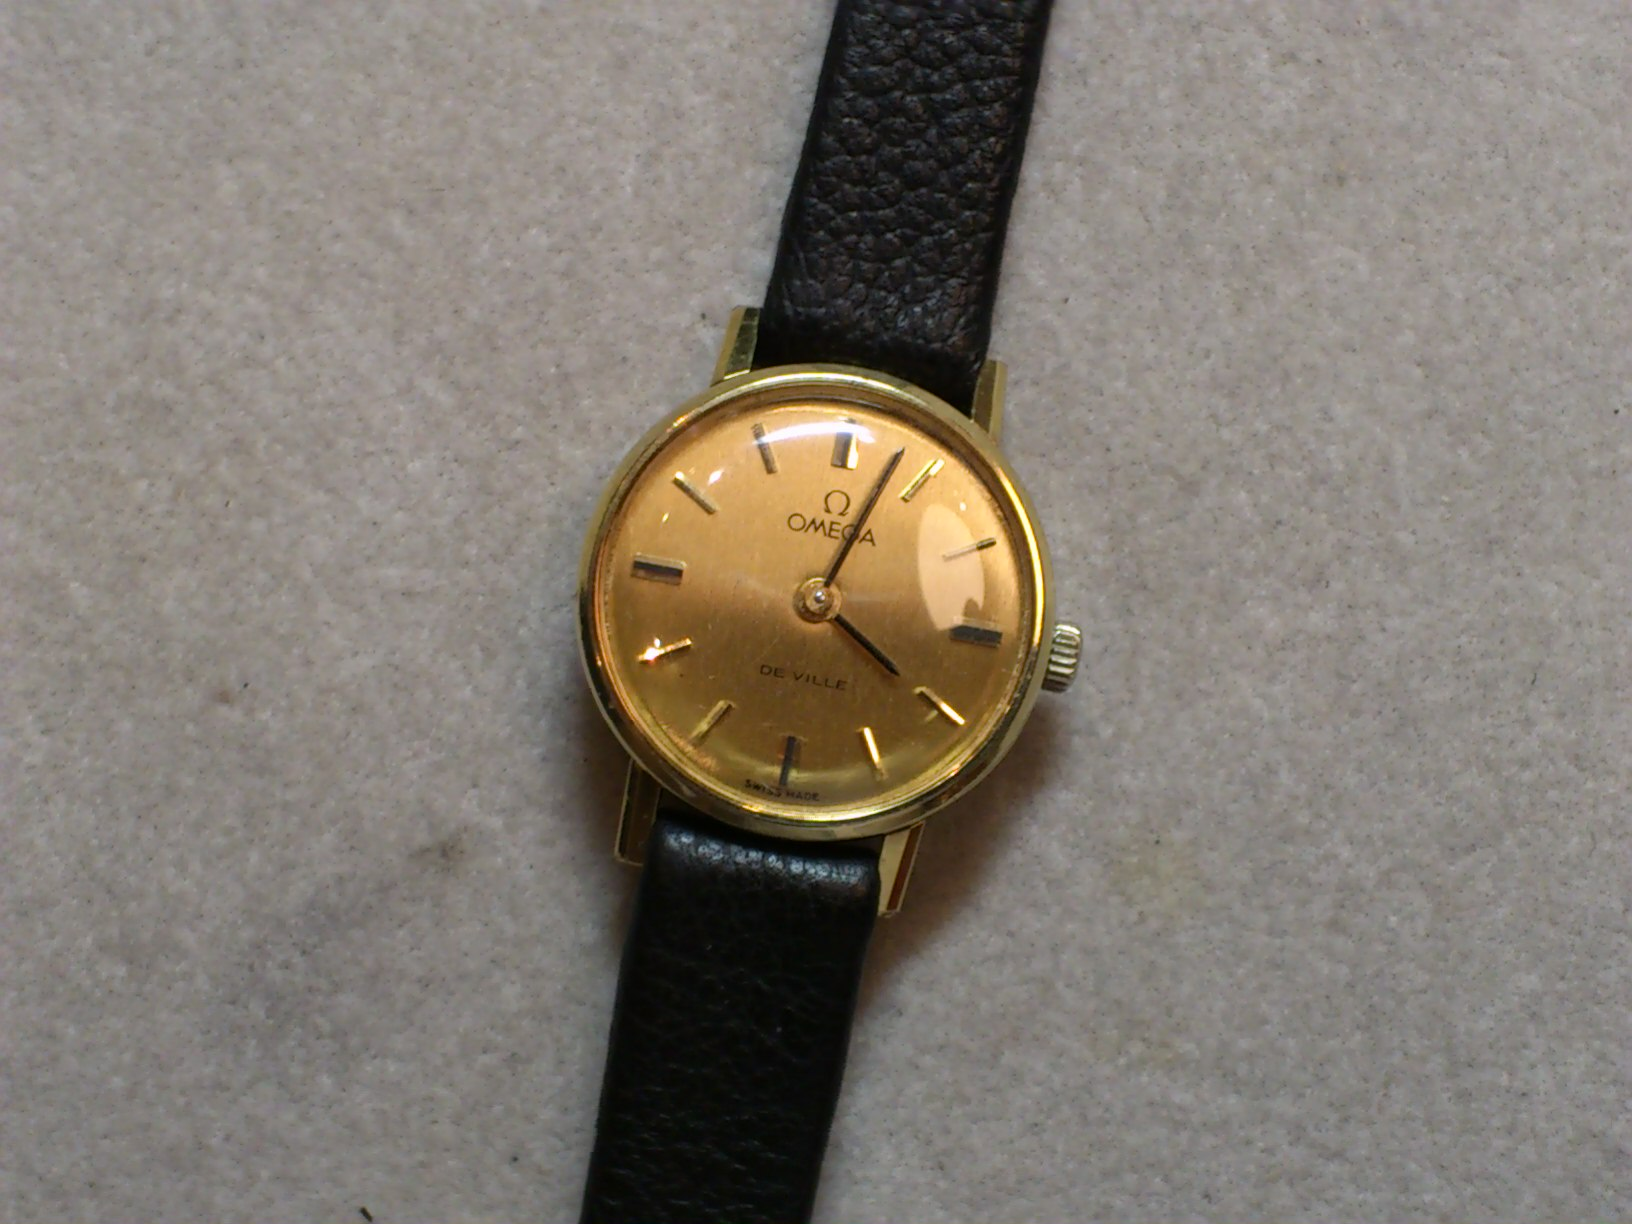 オメガ(時計)はおじさんクサイですか? - 私は20 …